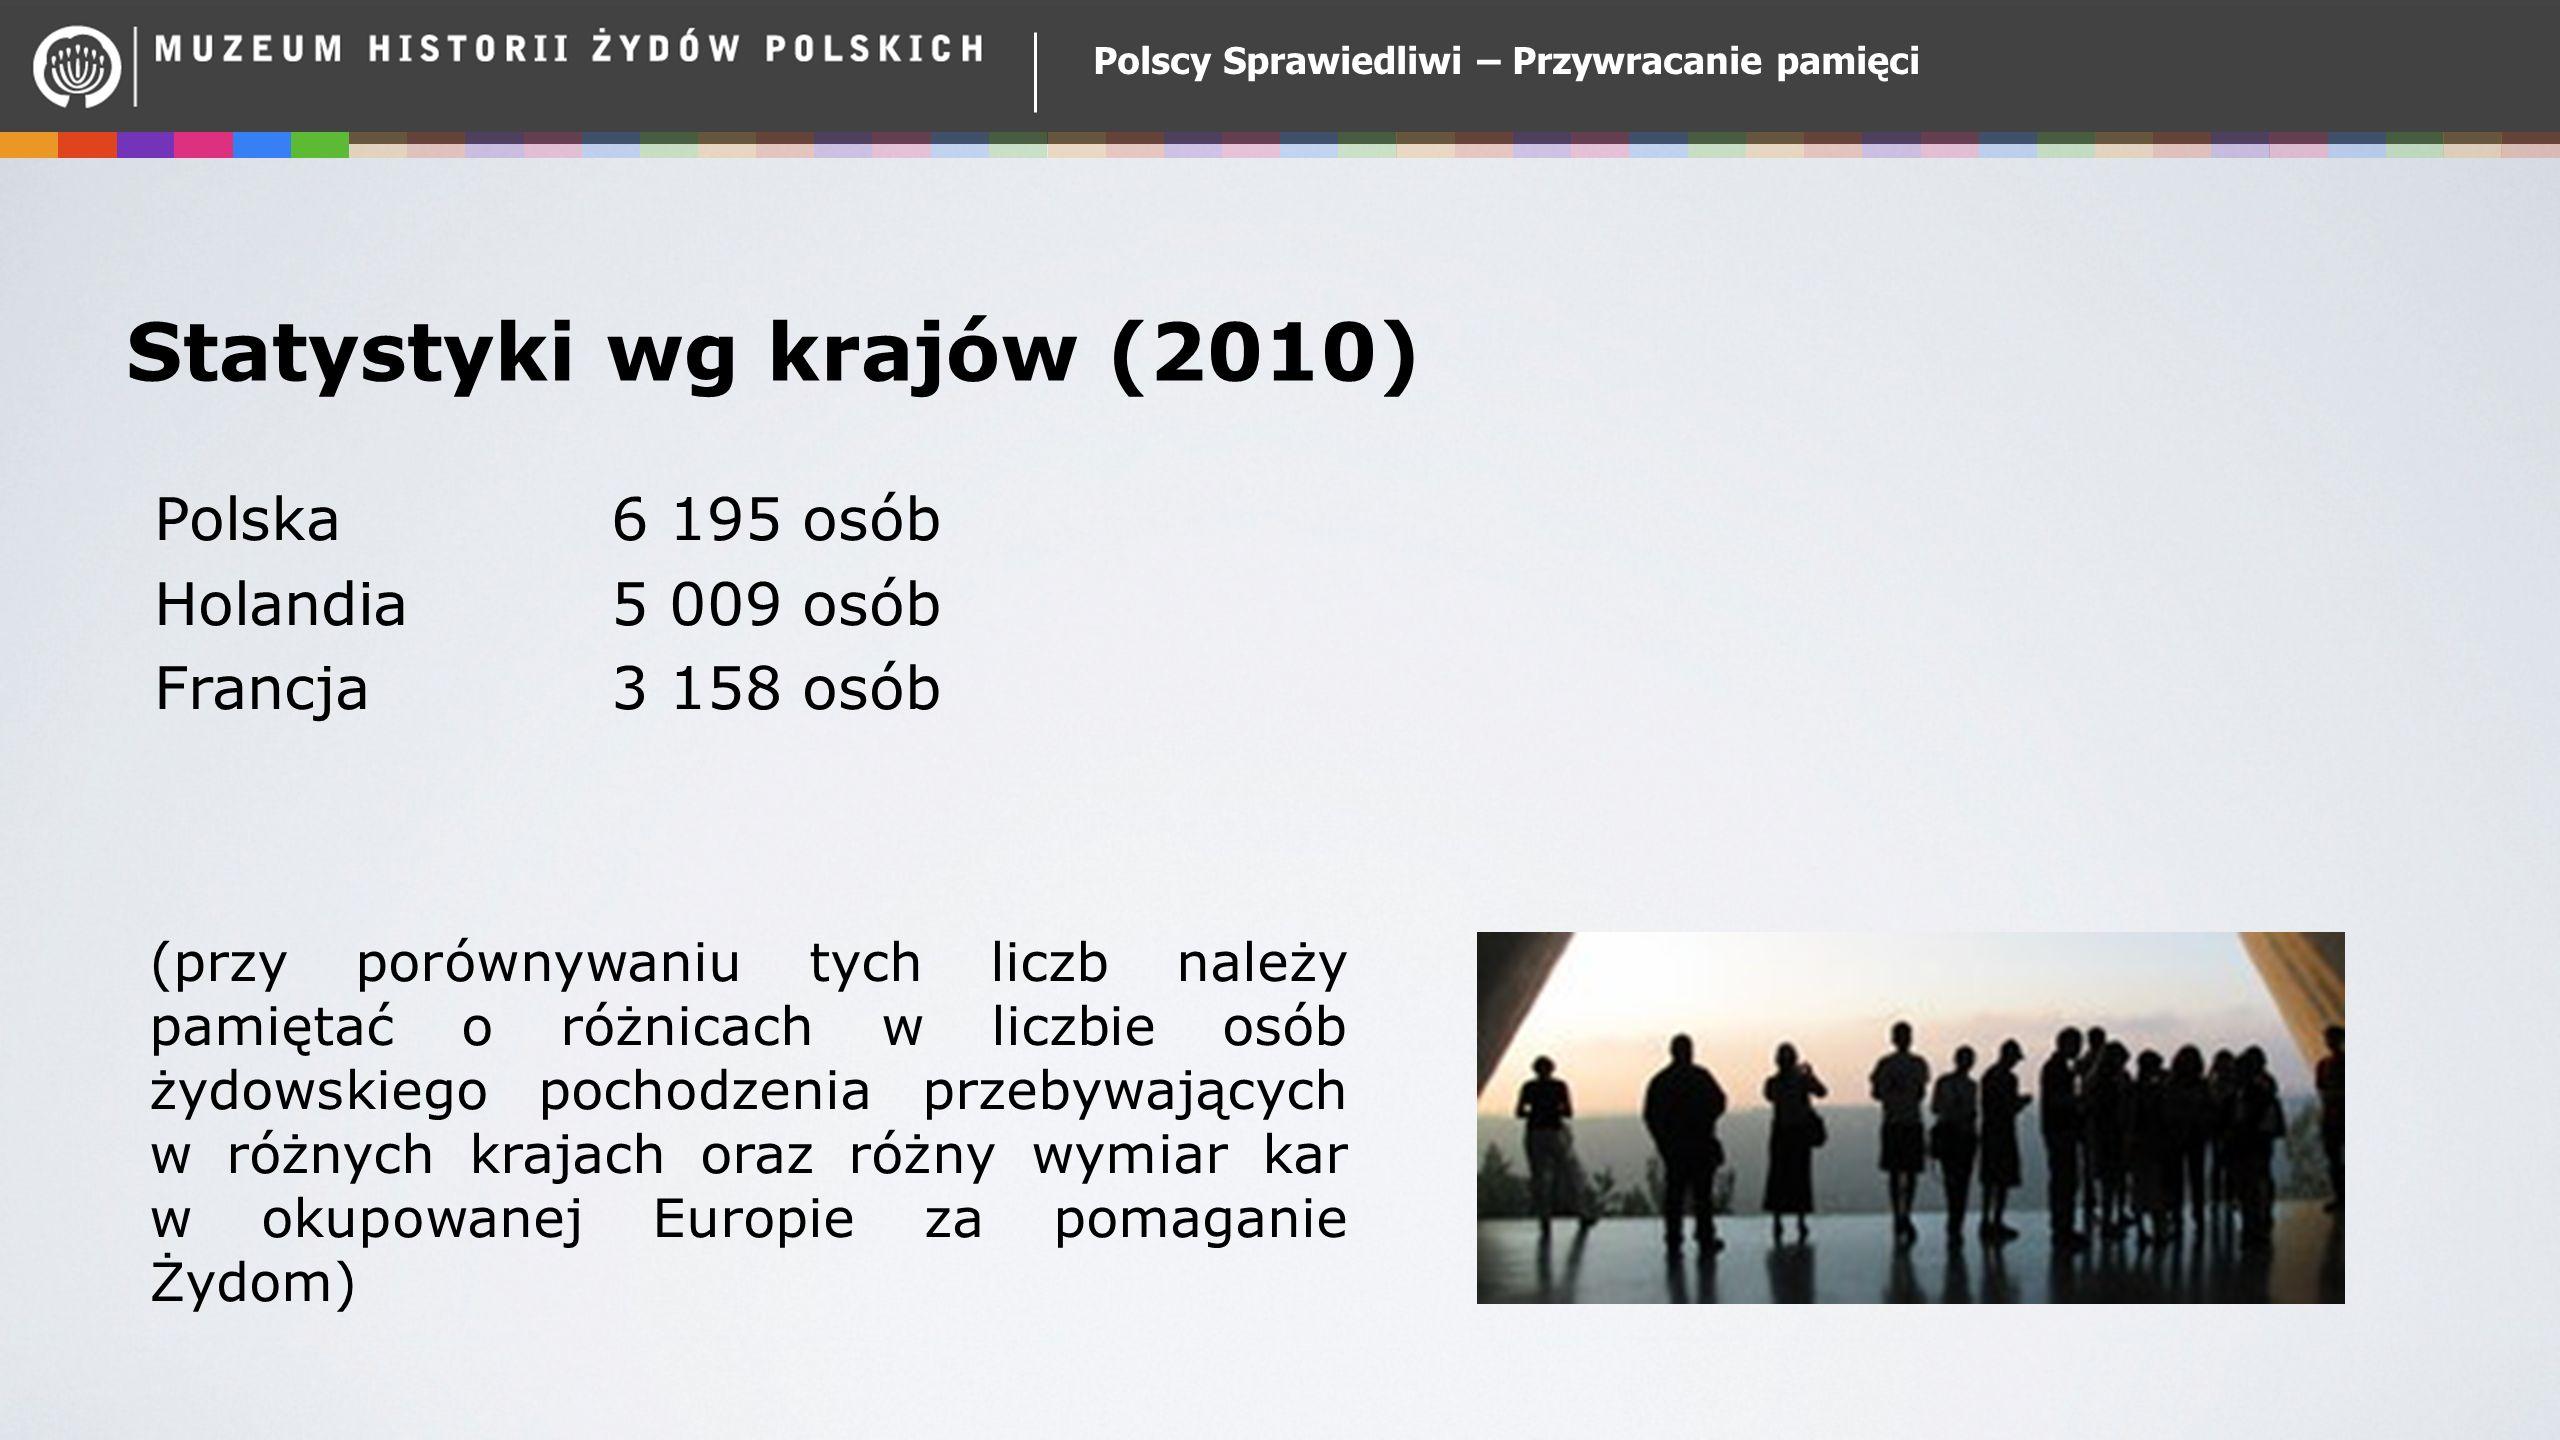 Polscy Sprawiedliwi – Przywracanie pamięci (przy porównywaniu tych liczb należy pamiętać o różnicach w liczbie osób żydowskiego pochodzenia przebywają